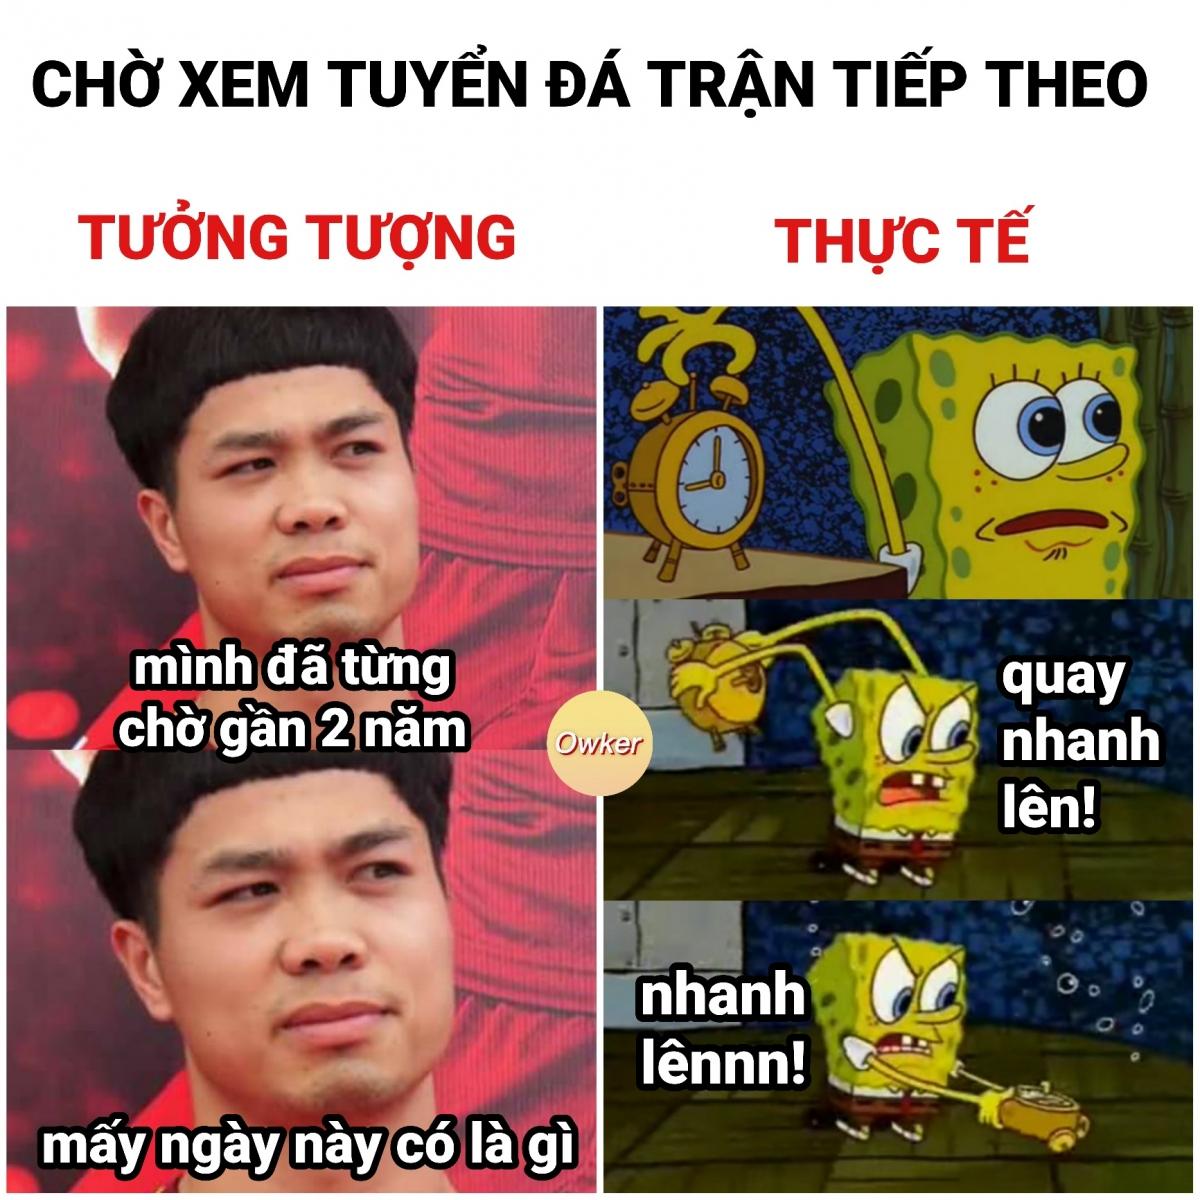 Người hâm mộ nóng lòng cổ vũ ĐT Việt Nam. (Ảnh: Owker)